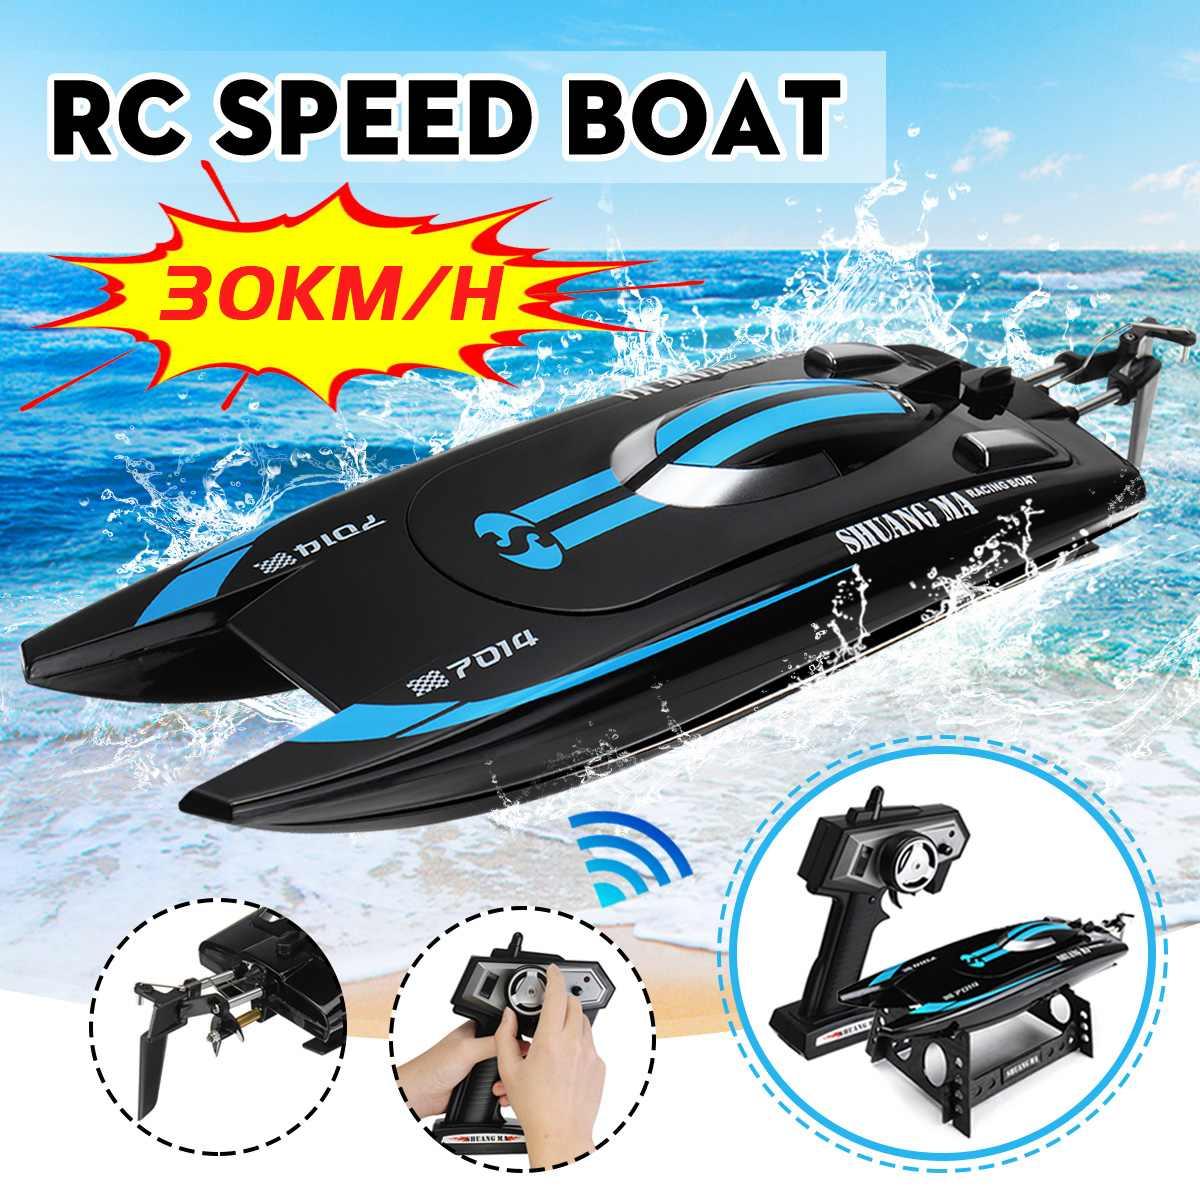 30 km/h bateau RC 2.4 GHz course bateau télécommandé batterie Li-ion 4 canaux 51 cm bateau rapide à distance pour cadeau enfant